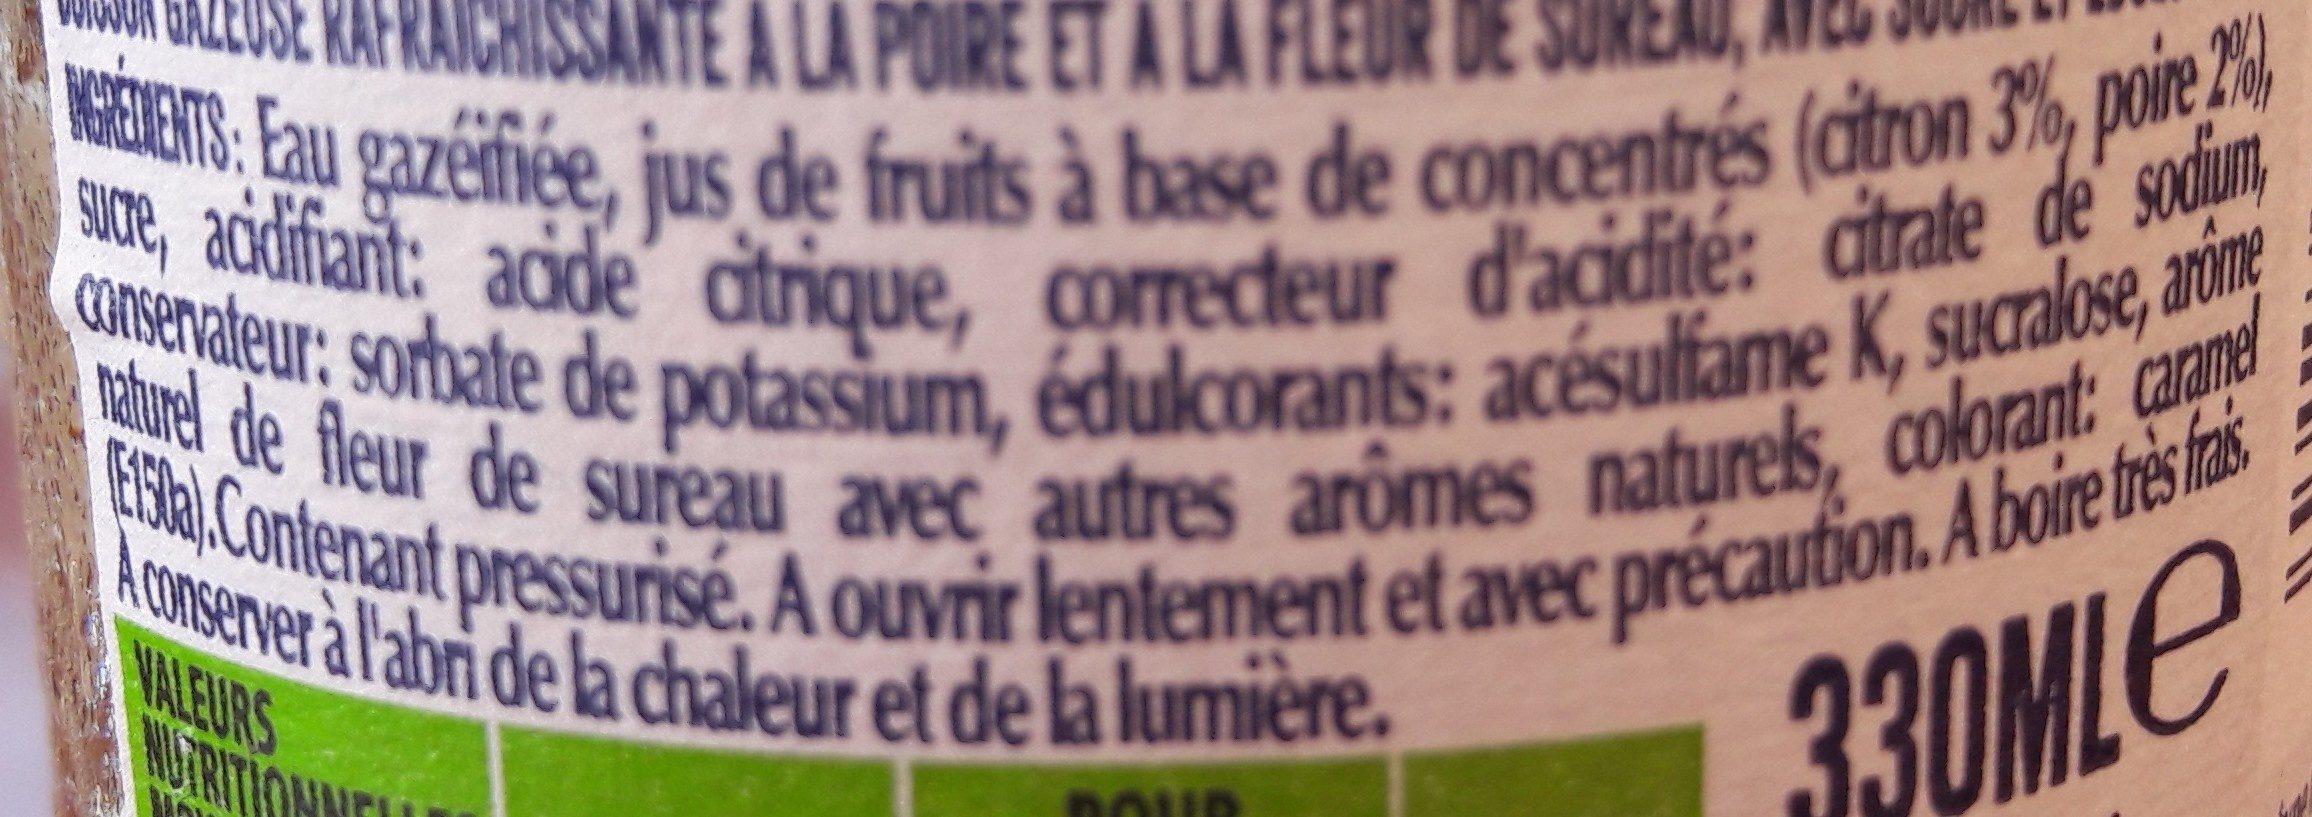 Limonade poire fleur de sureau - Ingrédients - fr